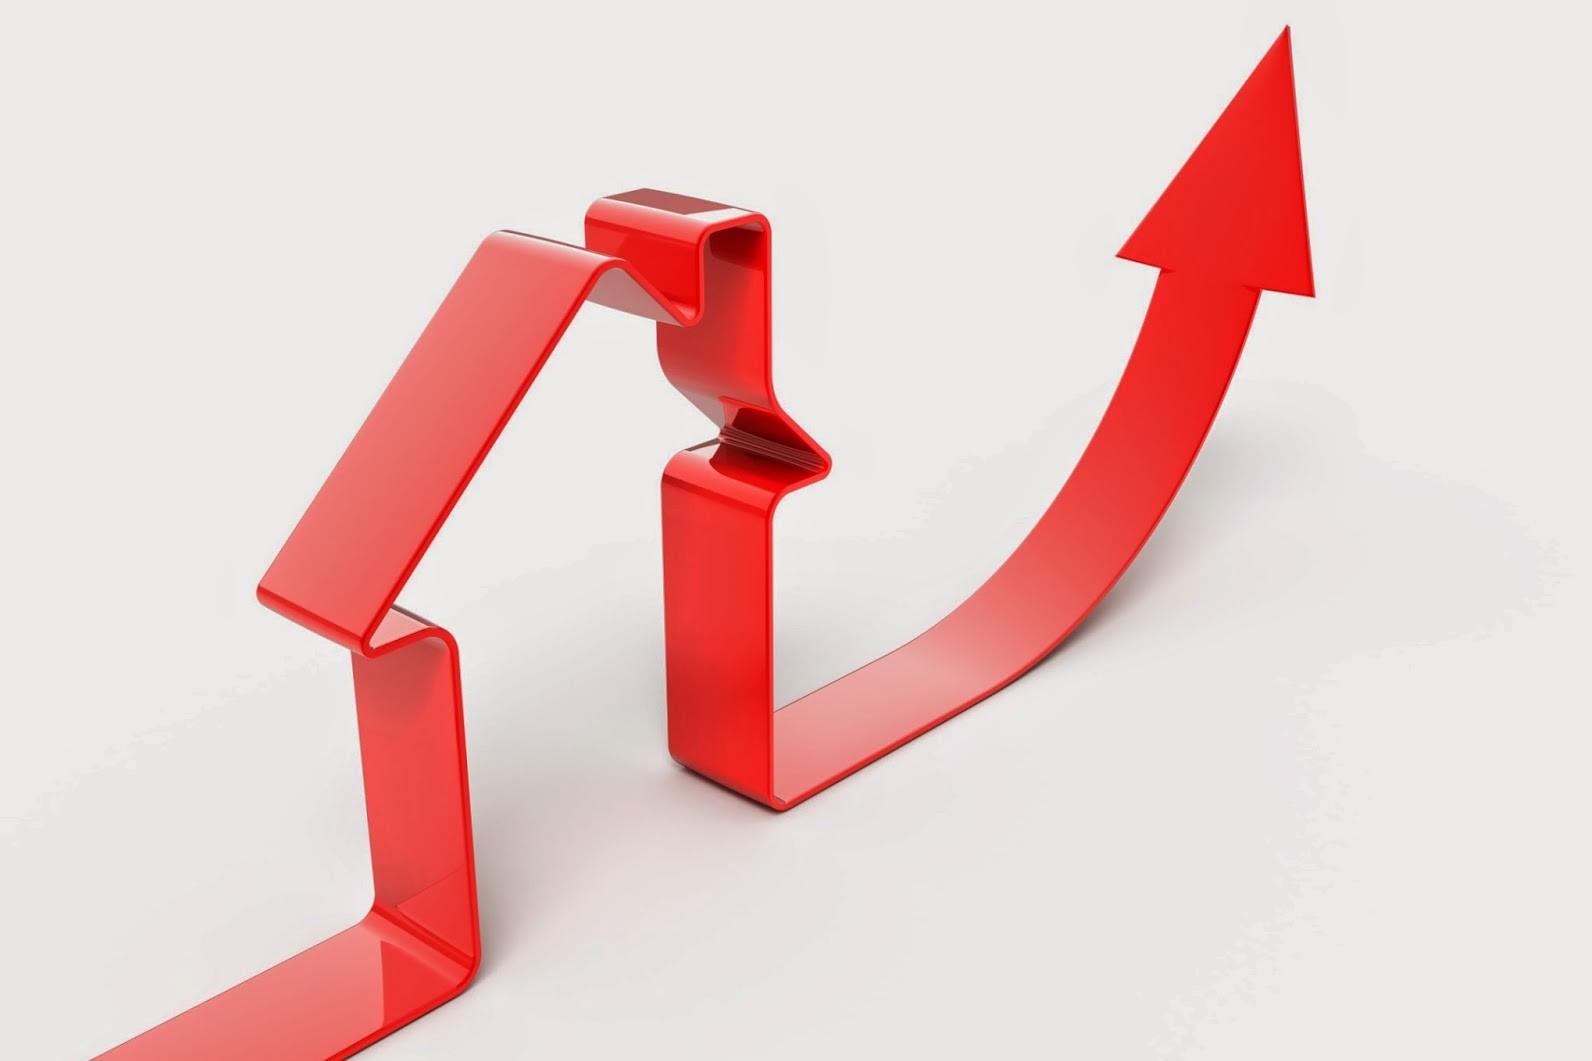 Meddig emelkedhetnek még a lakásárak?